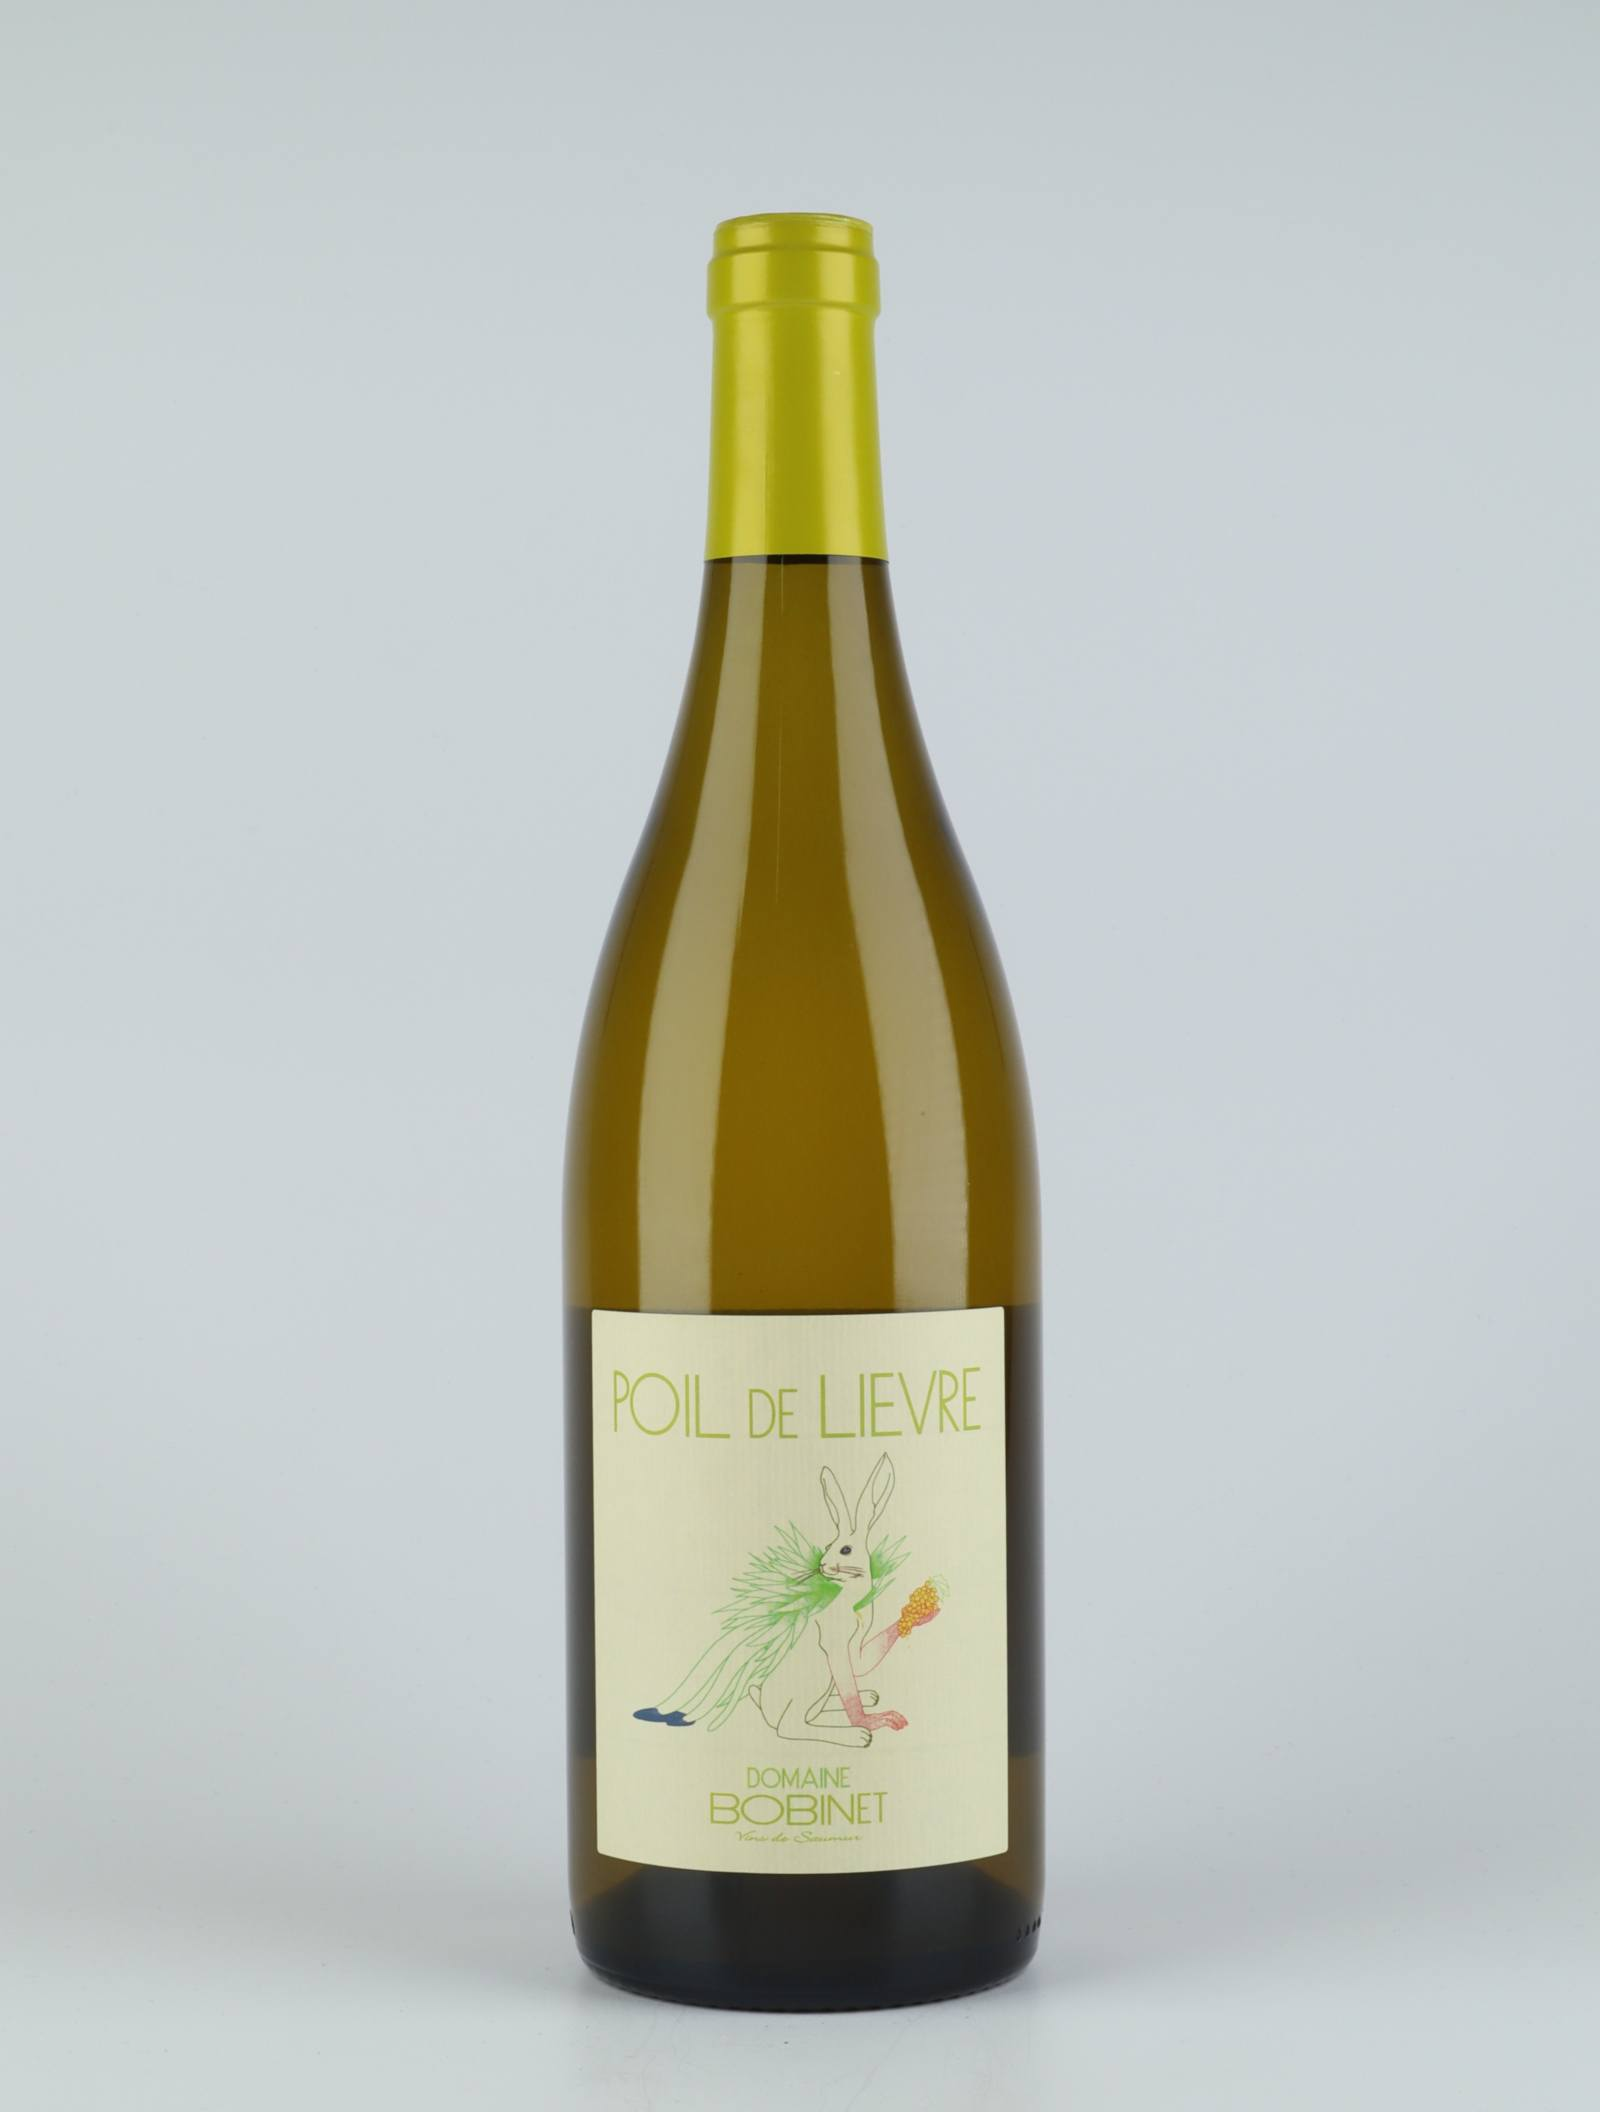 Saumur Blanc - Poil de Lièvre